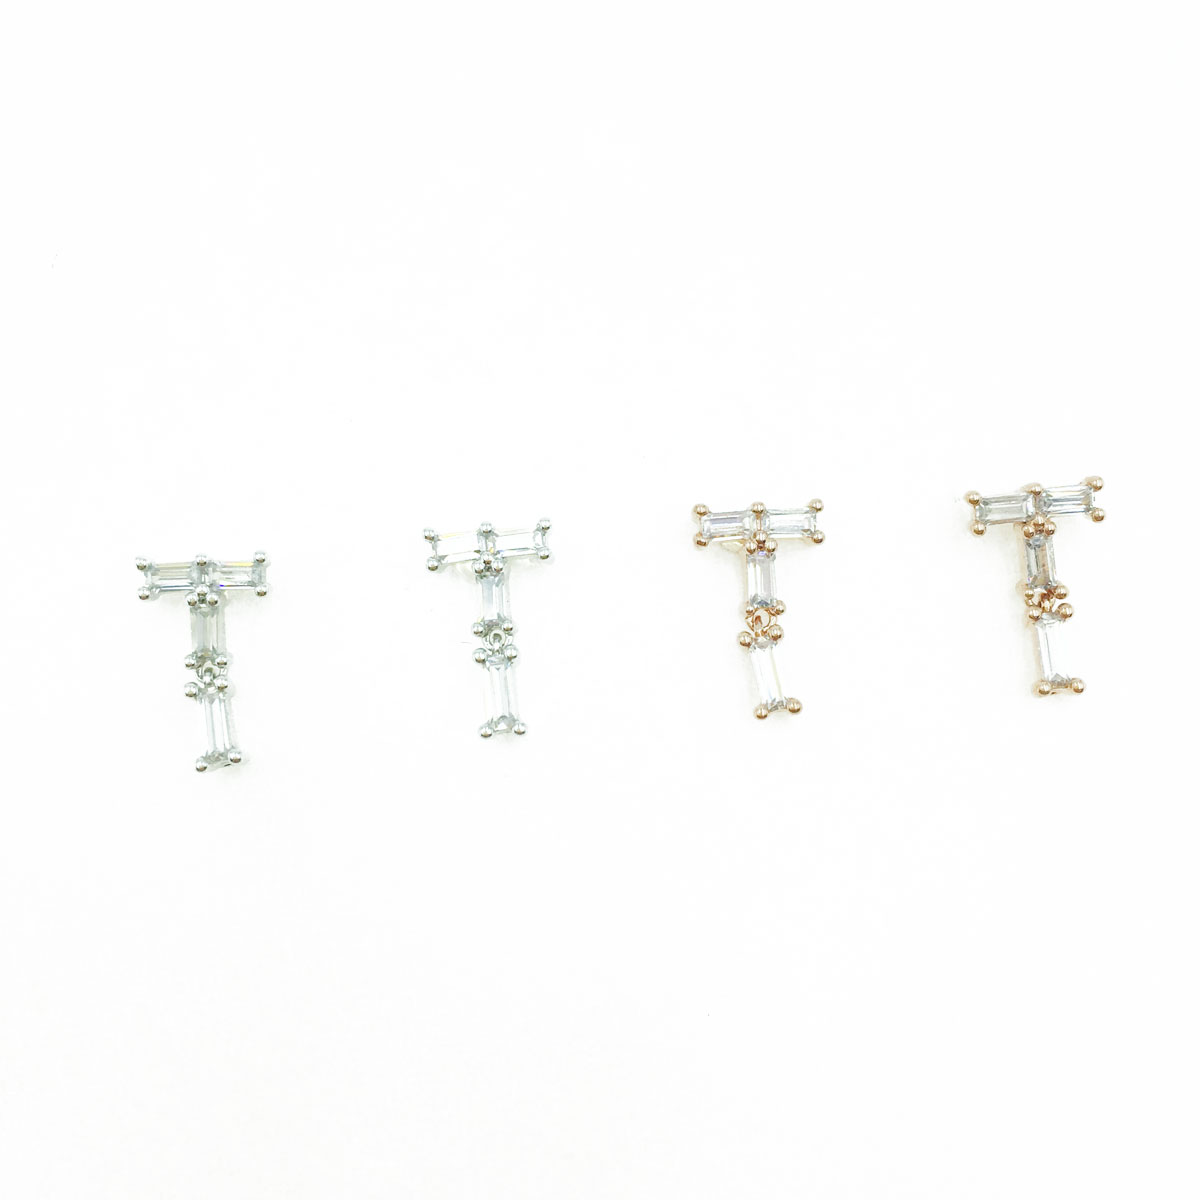 韓國 925純銀 長鑽 T 造型 銀 玫瑰金 耳針式耳環